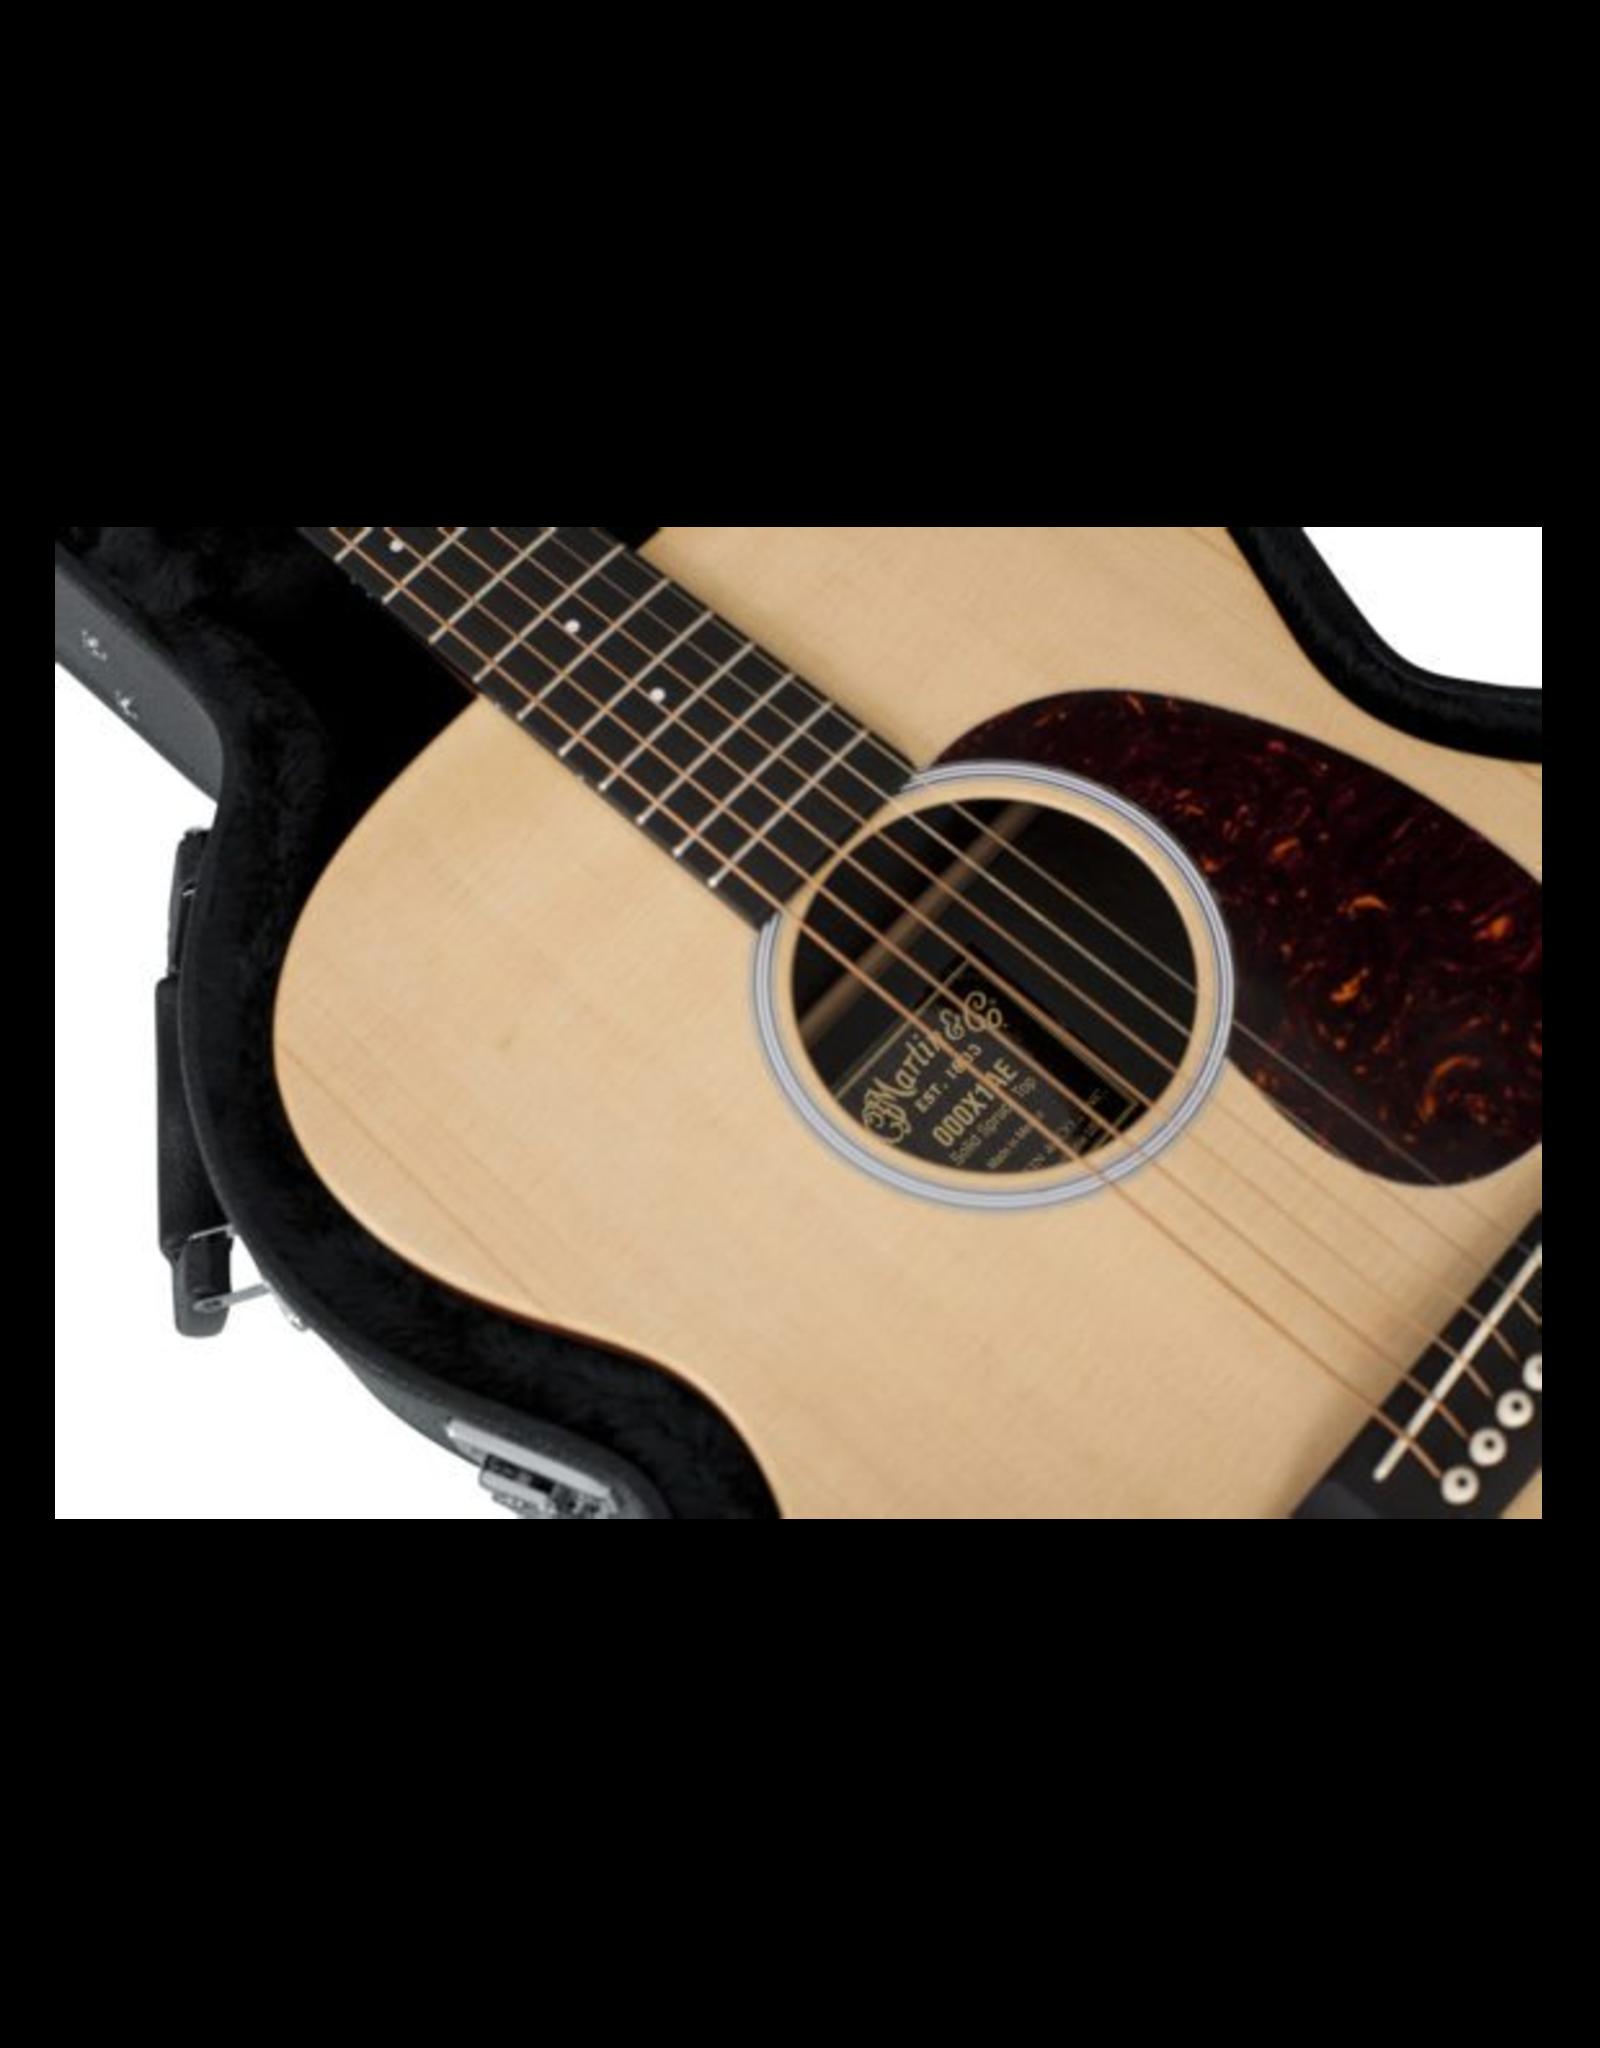 Gator Gator GWE SERIES Martin 000 Acoustic Guitar Case GWE-000AC